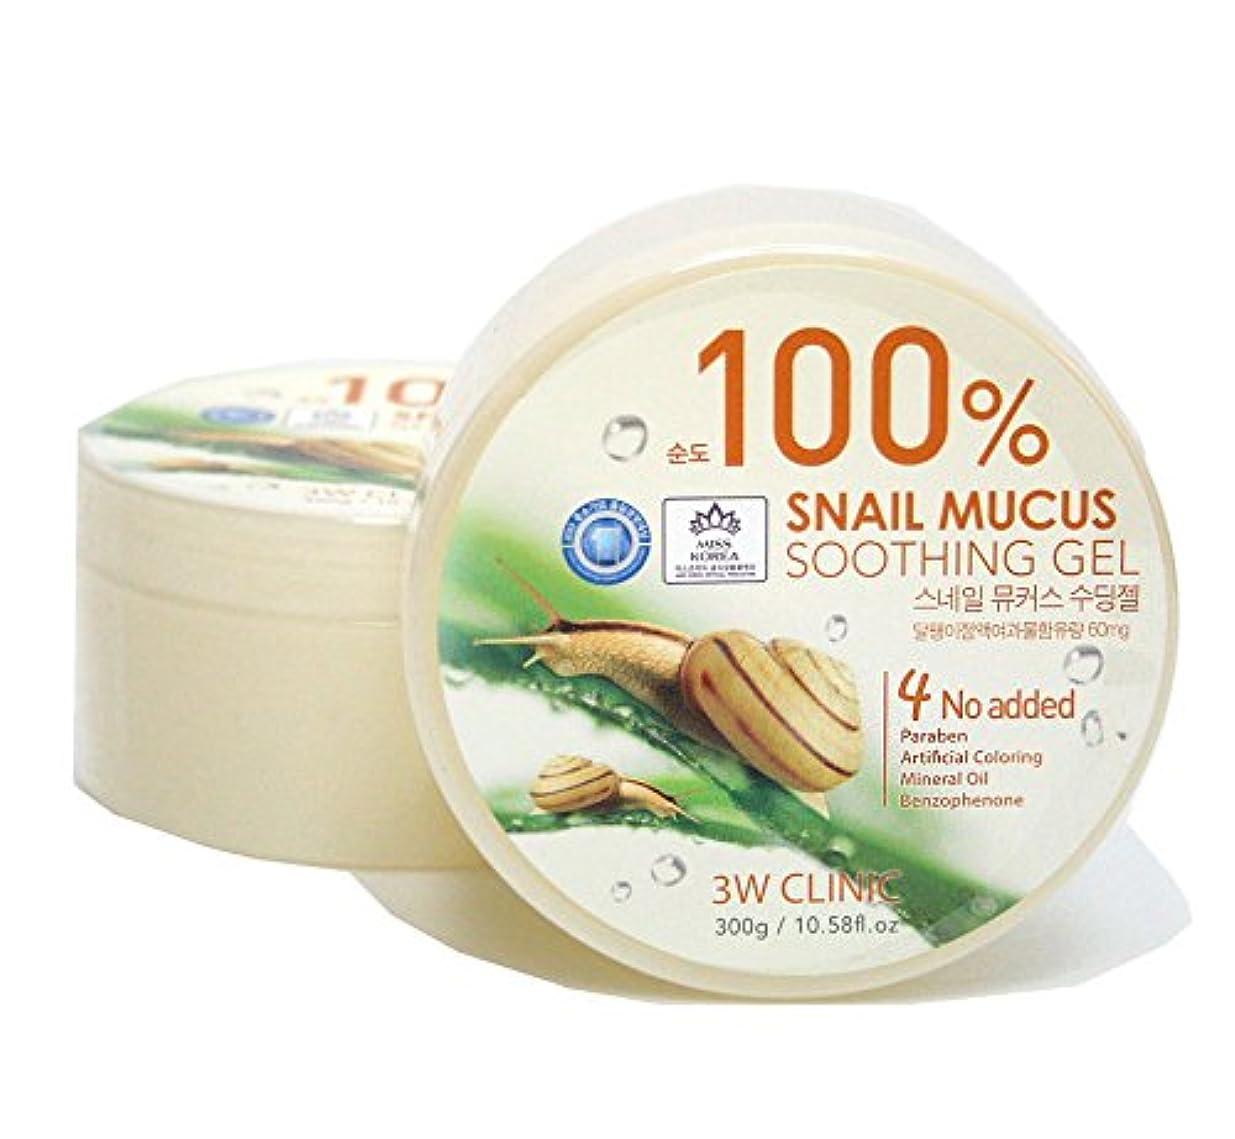 埋めるどれか落胆させる[3W CLINIC] カタツムリ粘液スージングジェル300g / Snail Mucus Soothing Gel 300g / 水分/オールスキンタイプ / Moisture / fresh and smooth / All Skin Types / 韓国化粧品 / Korean Cosmetics [並行輸入品]